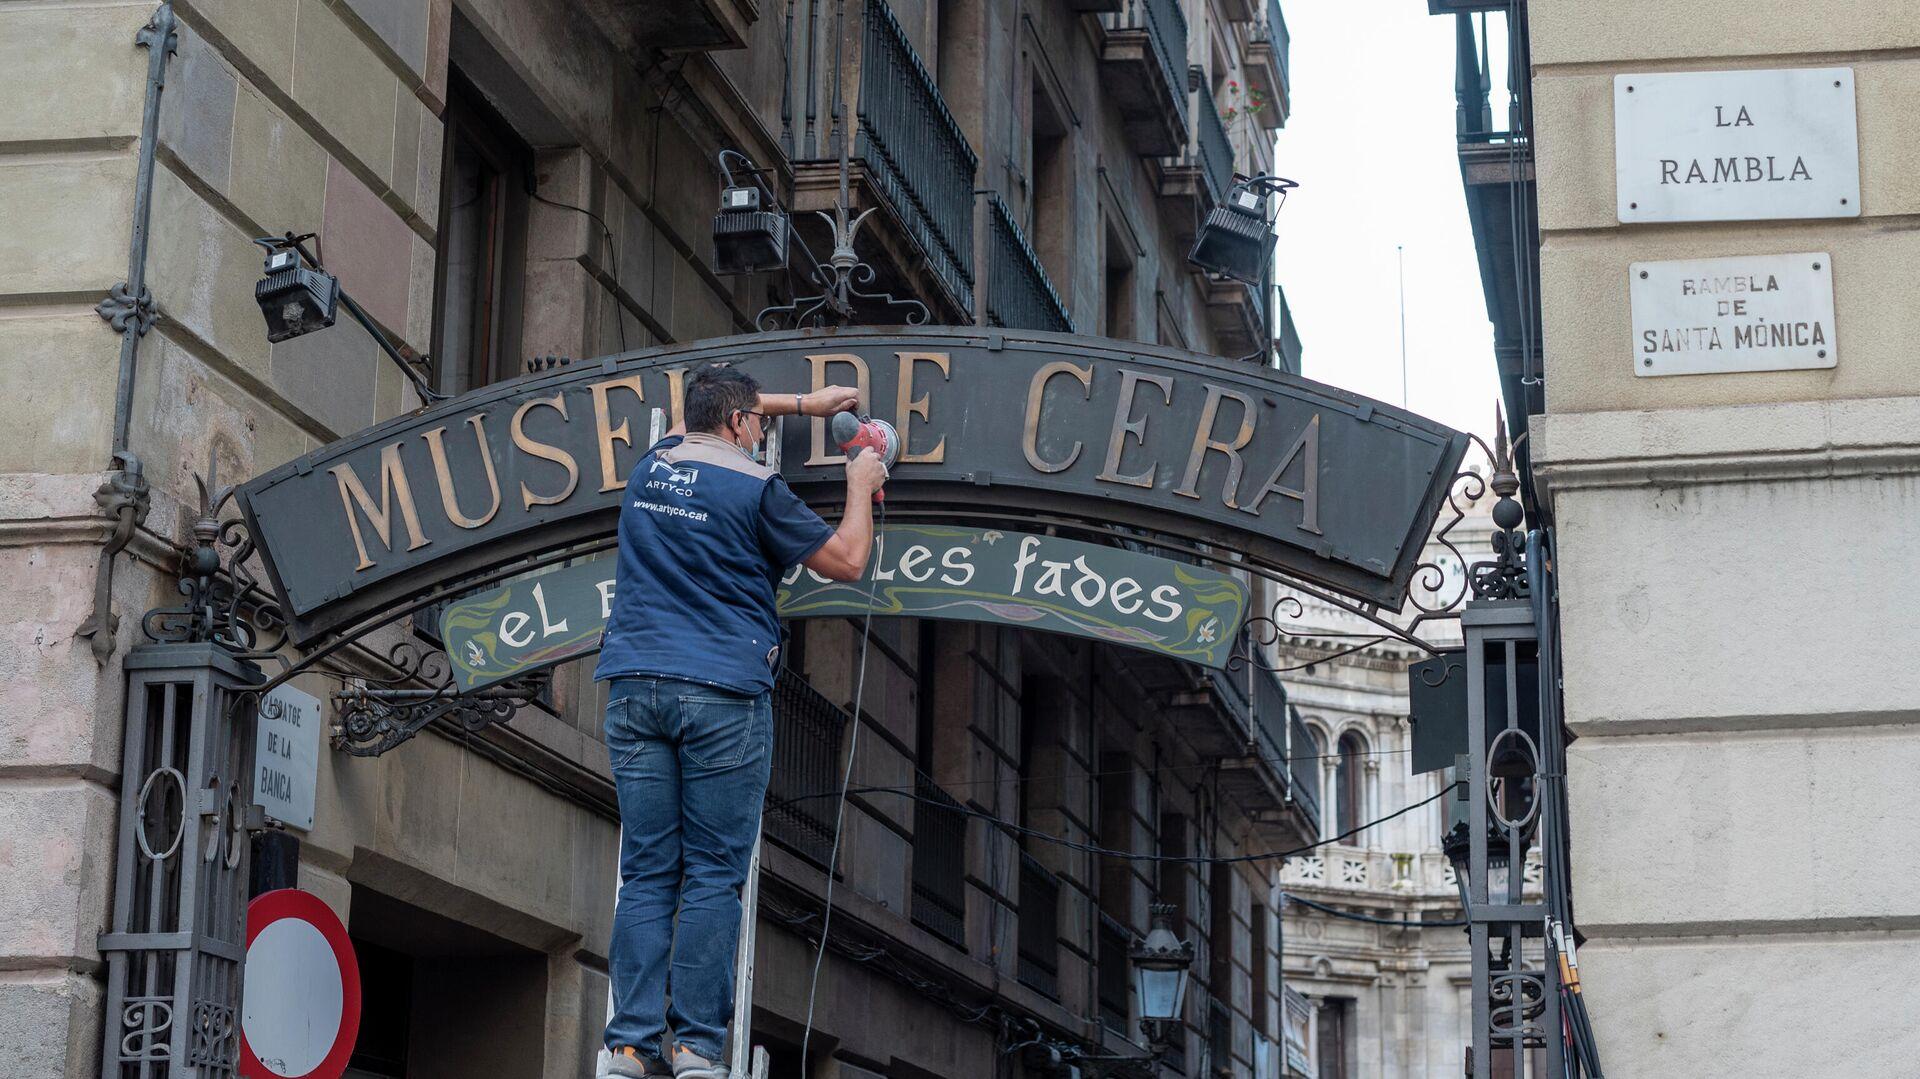 Operario trabajando en un cartel del Museo de Cera de Barcelona - Sputnik Mundo, 1920, 18.05.2021